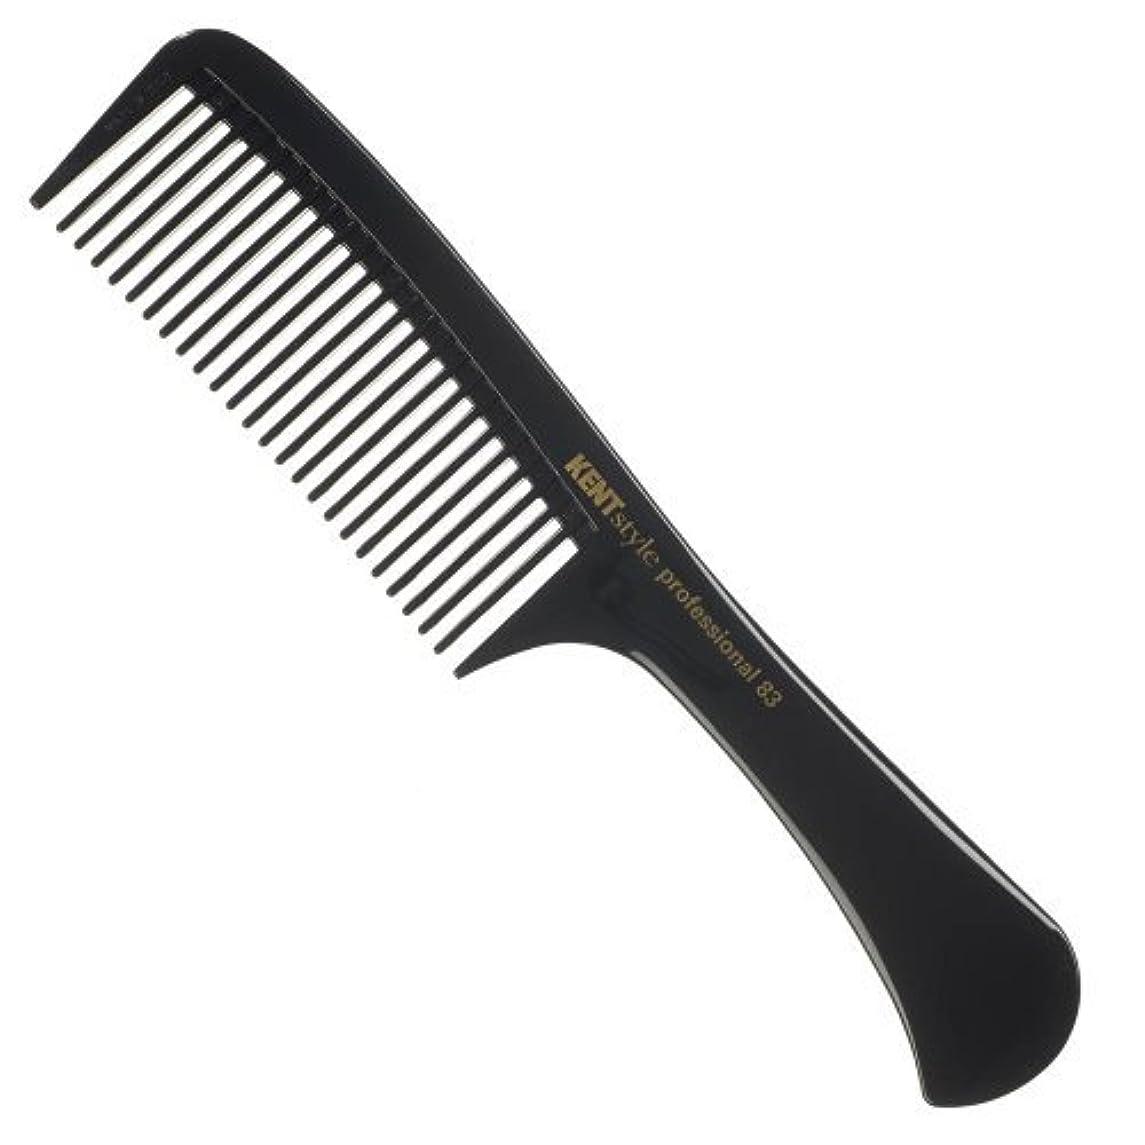 窓ほぼ受け入れるKent Style Professional Combs (Black) - Hard Rubber, Anti-static, Unbreakable & Heat Resistant - Salon & Barber...